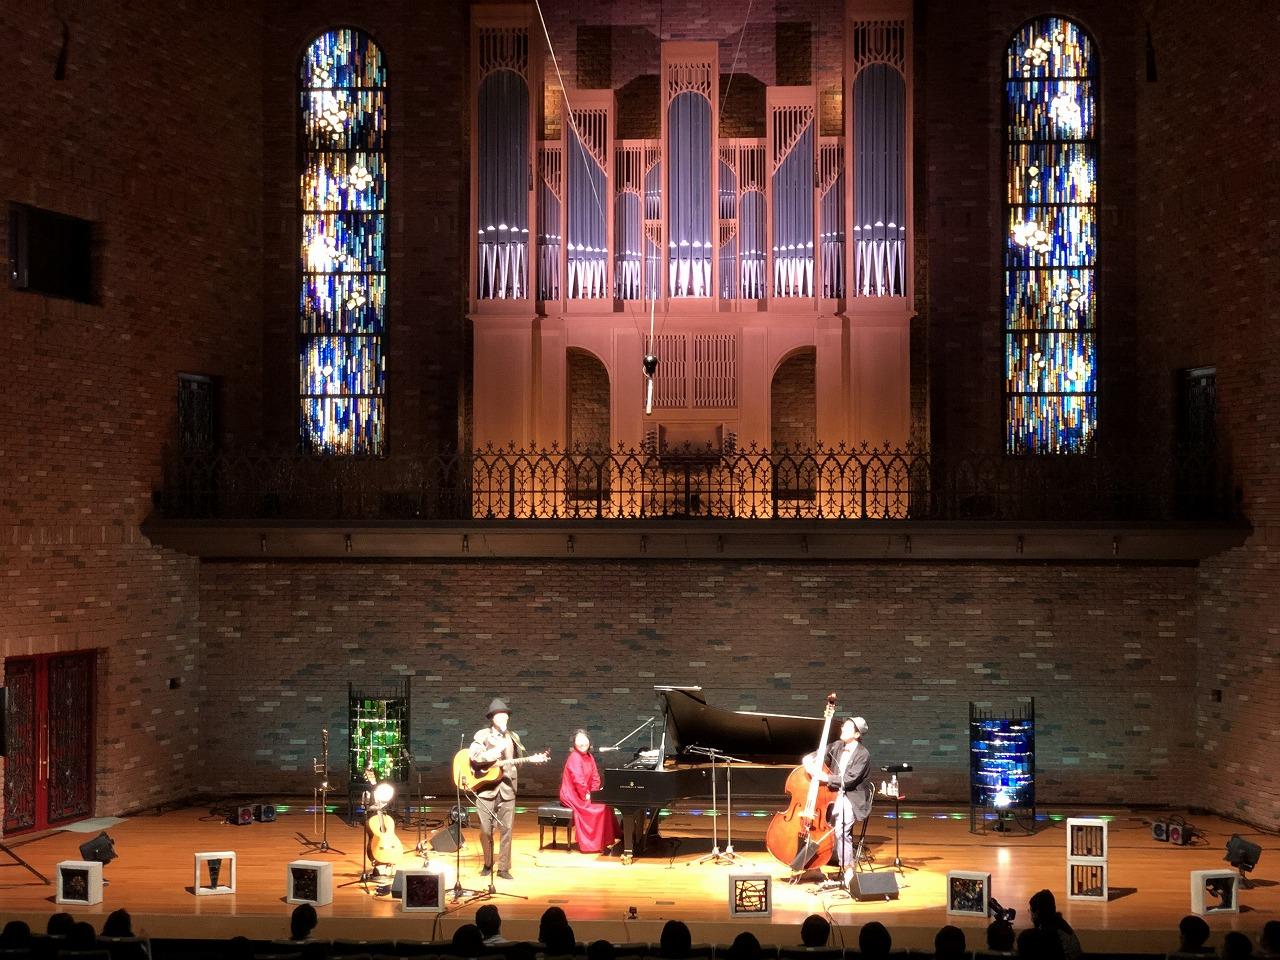 2020.12.26(土)宝塚ベガホールでベベチオclassicコンサートが開催されました。